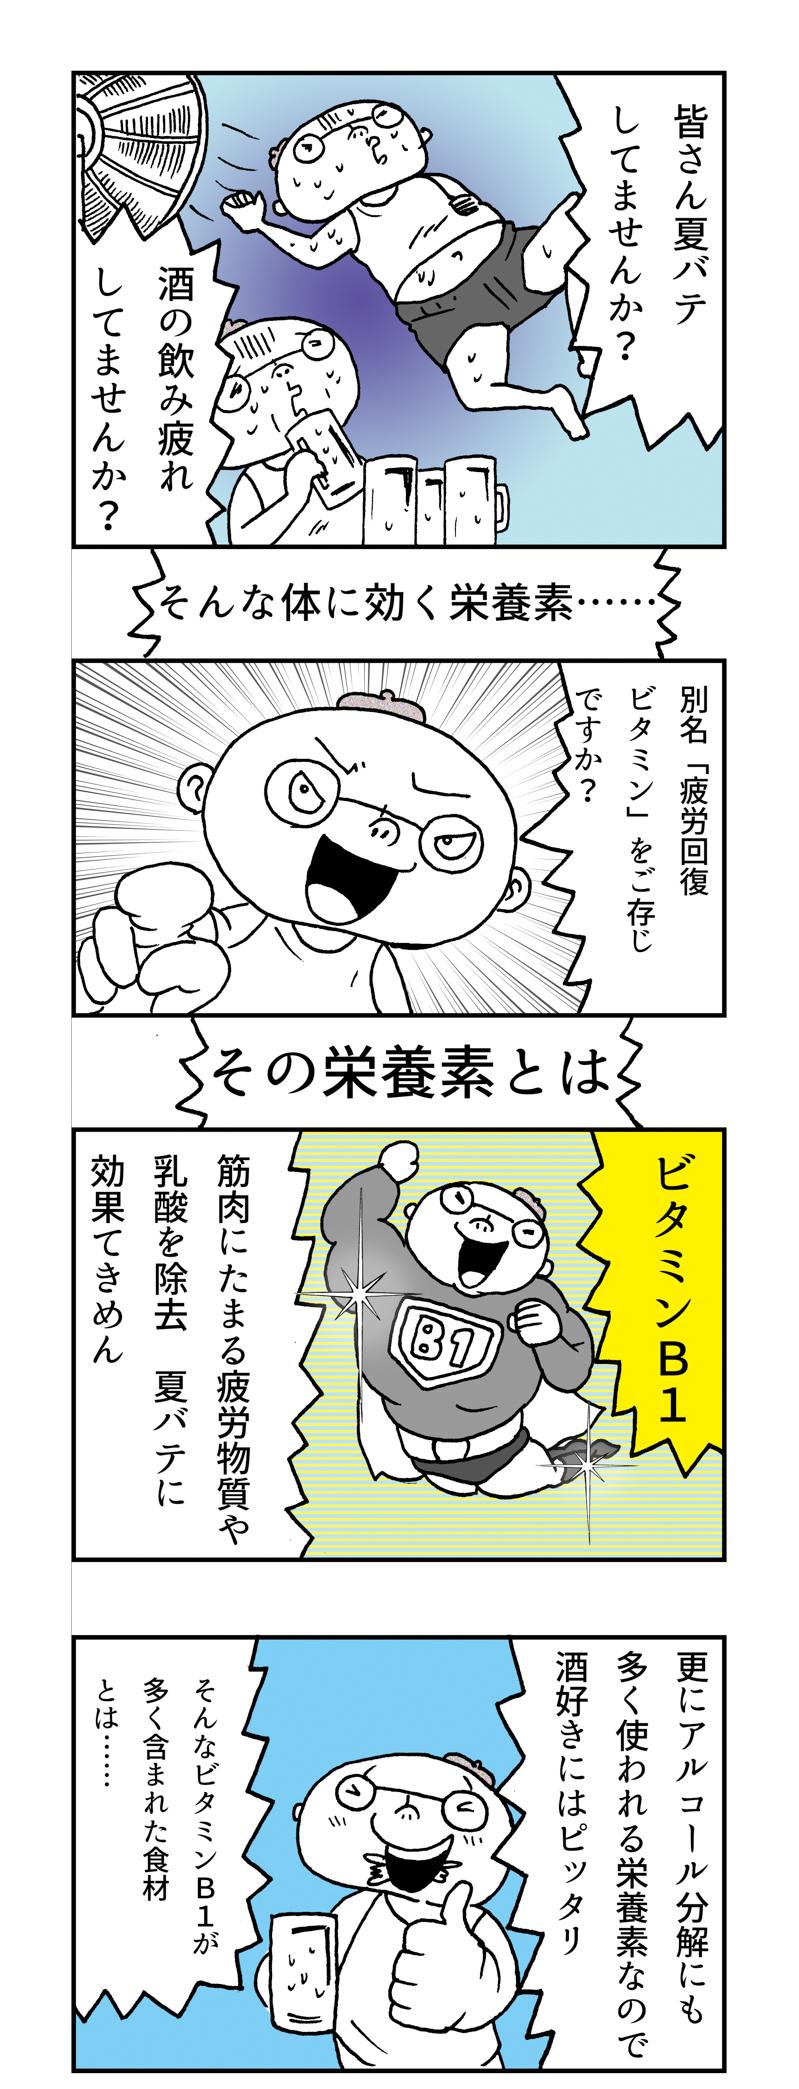 f:id:Meshi2_IB:20170801090358j:plain